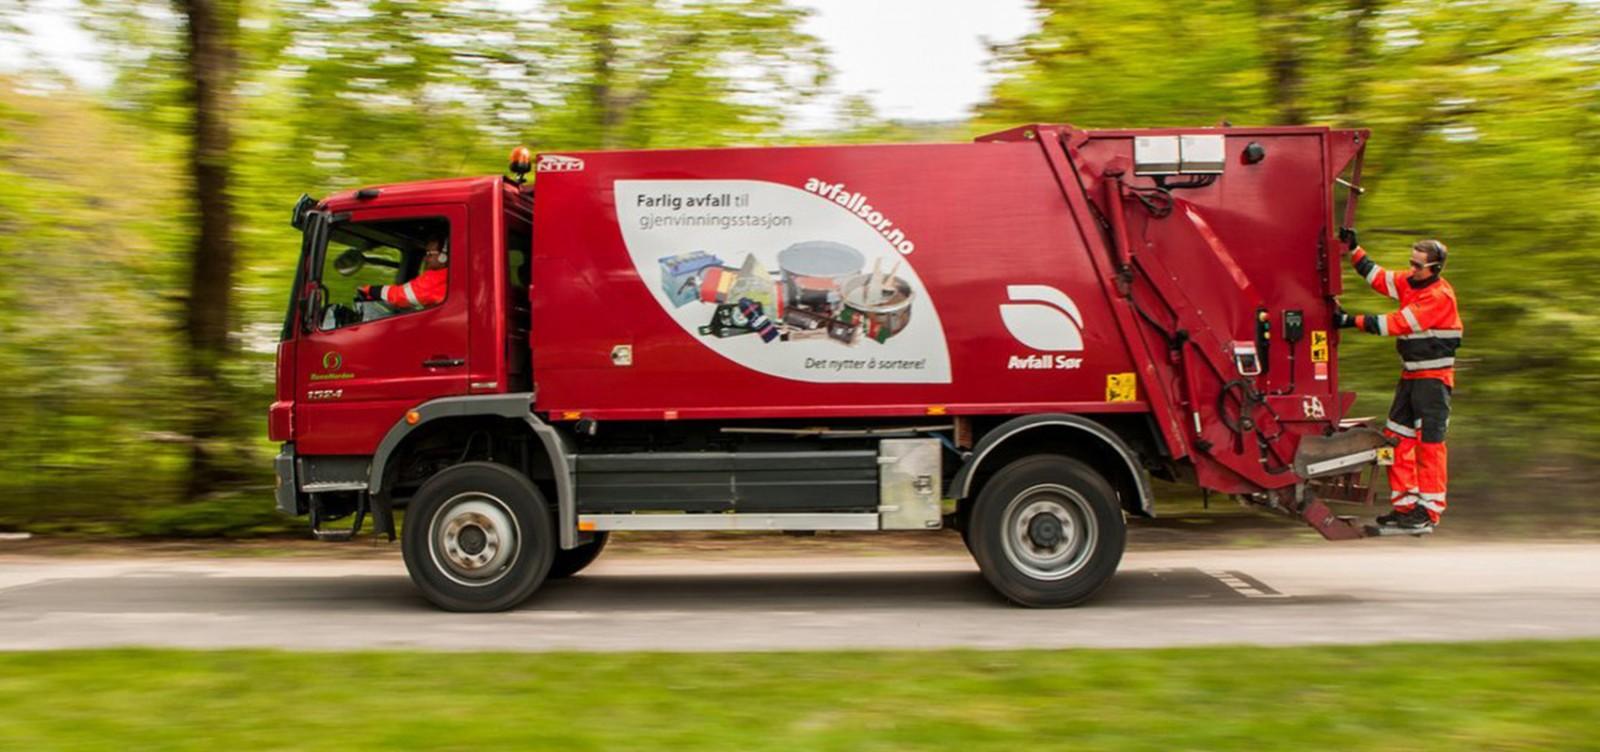 Anbud365: Historien om unormalt lave tilbud, taktisk prising og søppelkonkurs